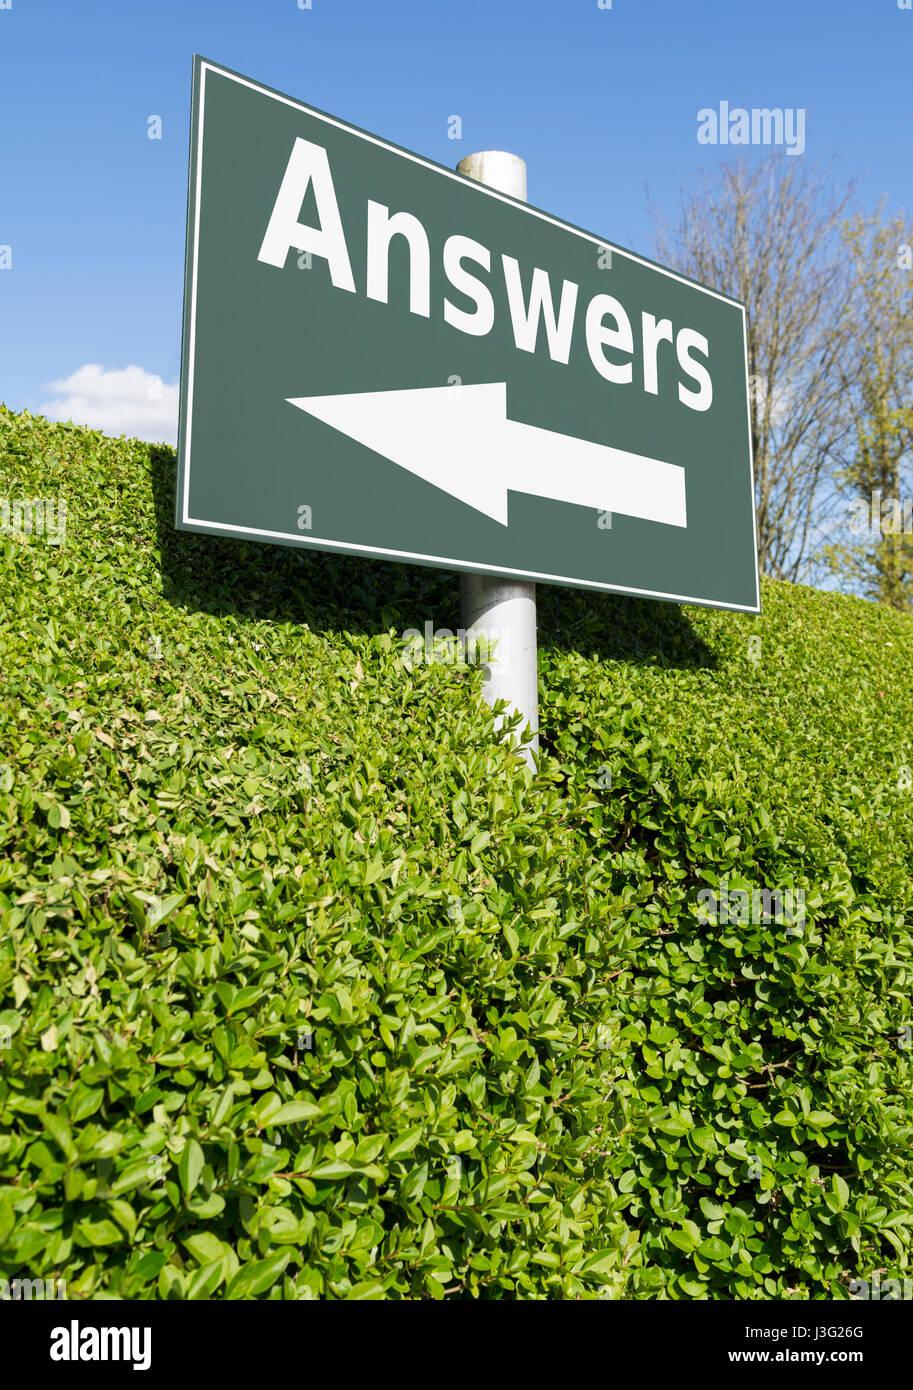 Le risposte del concetto. Risposte segno su un post. Immagini Stock